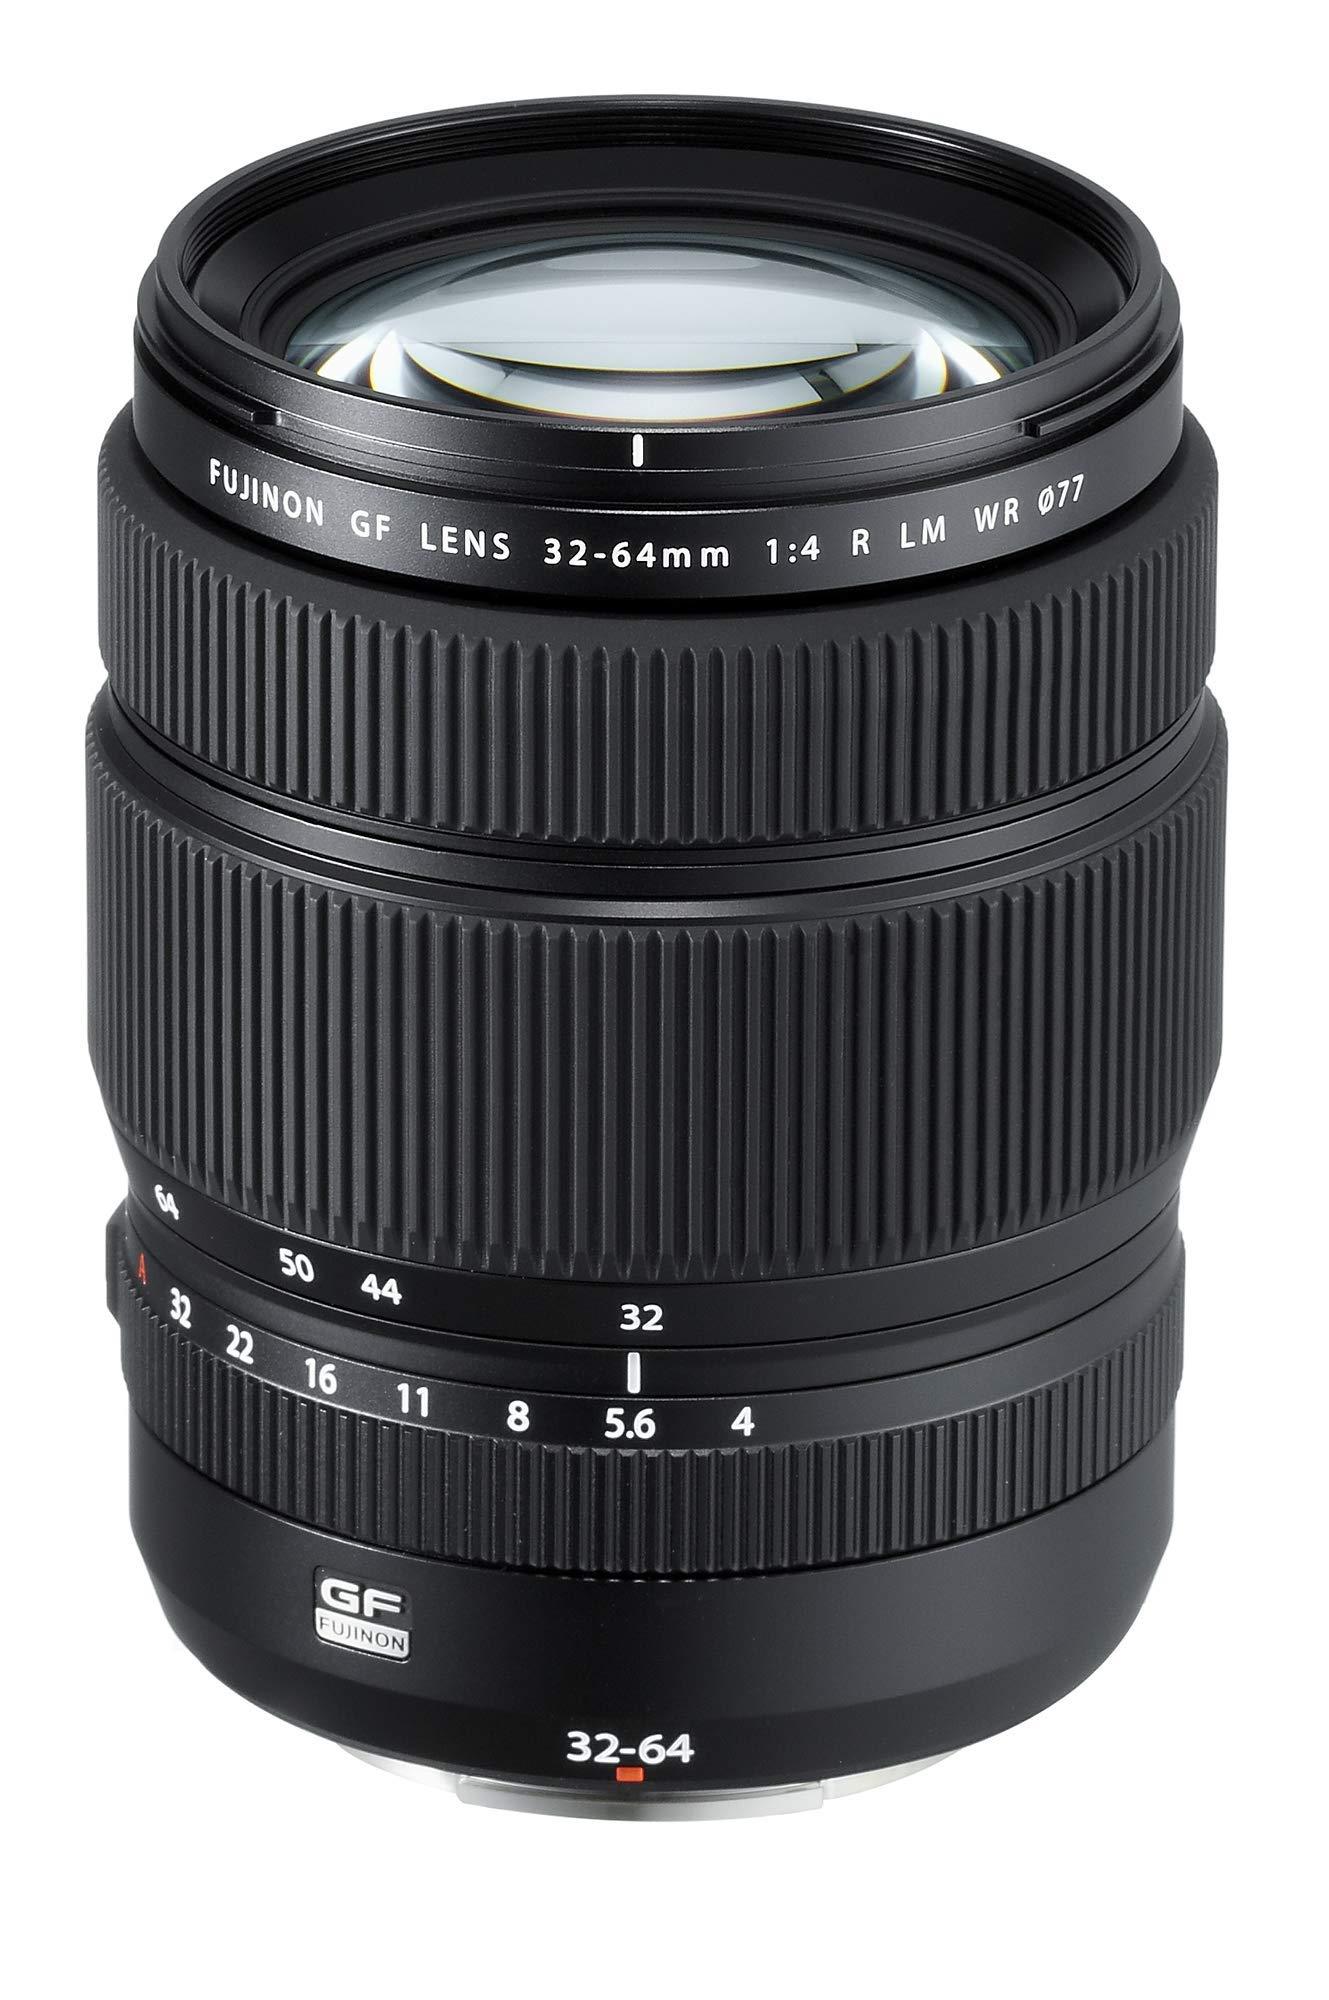 Fujinon GF32-64mmF4 R LM WR Lens (Renewed) by Fujifilm